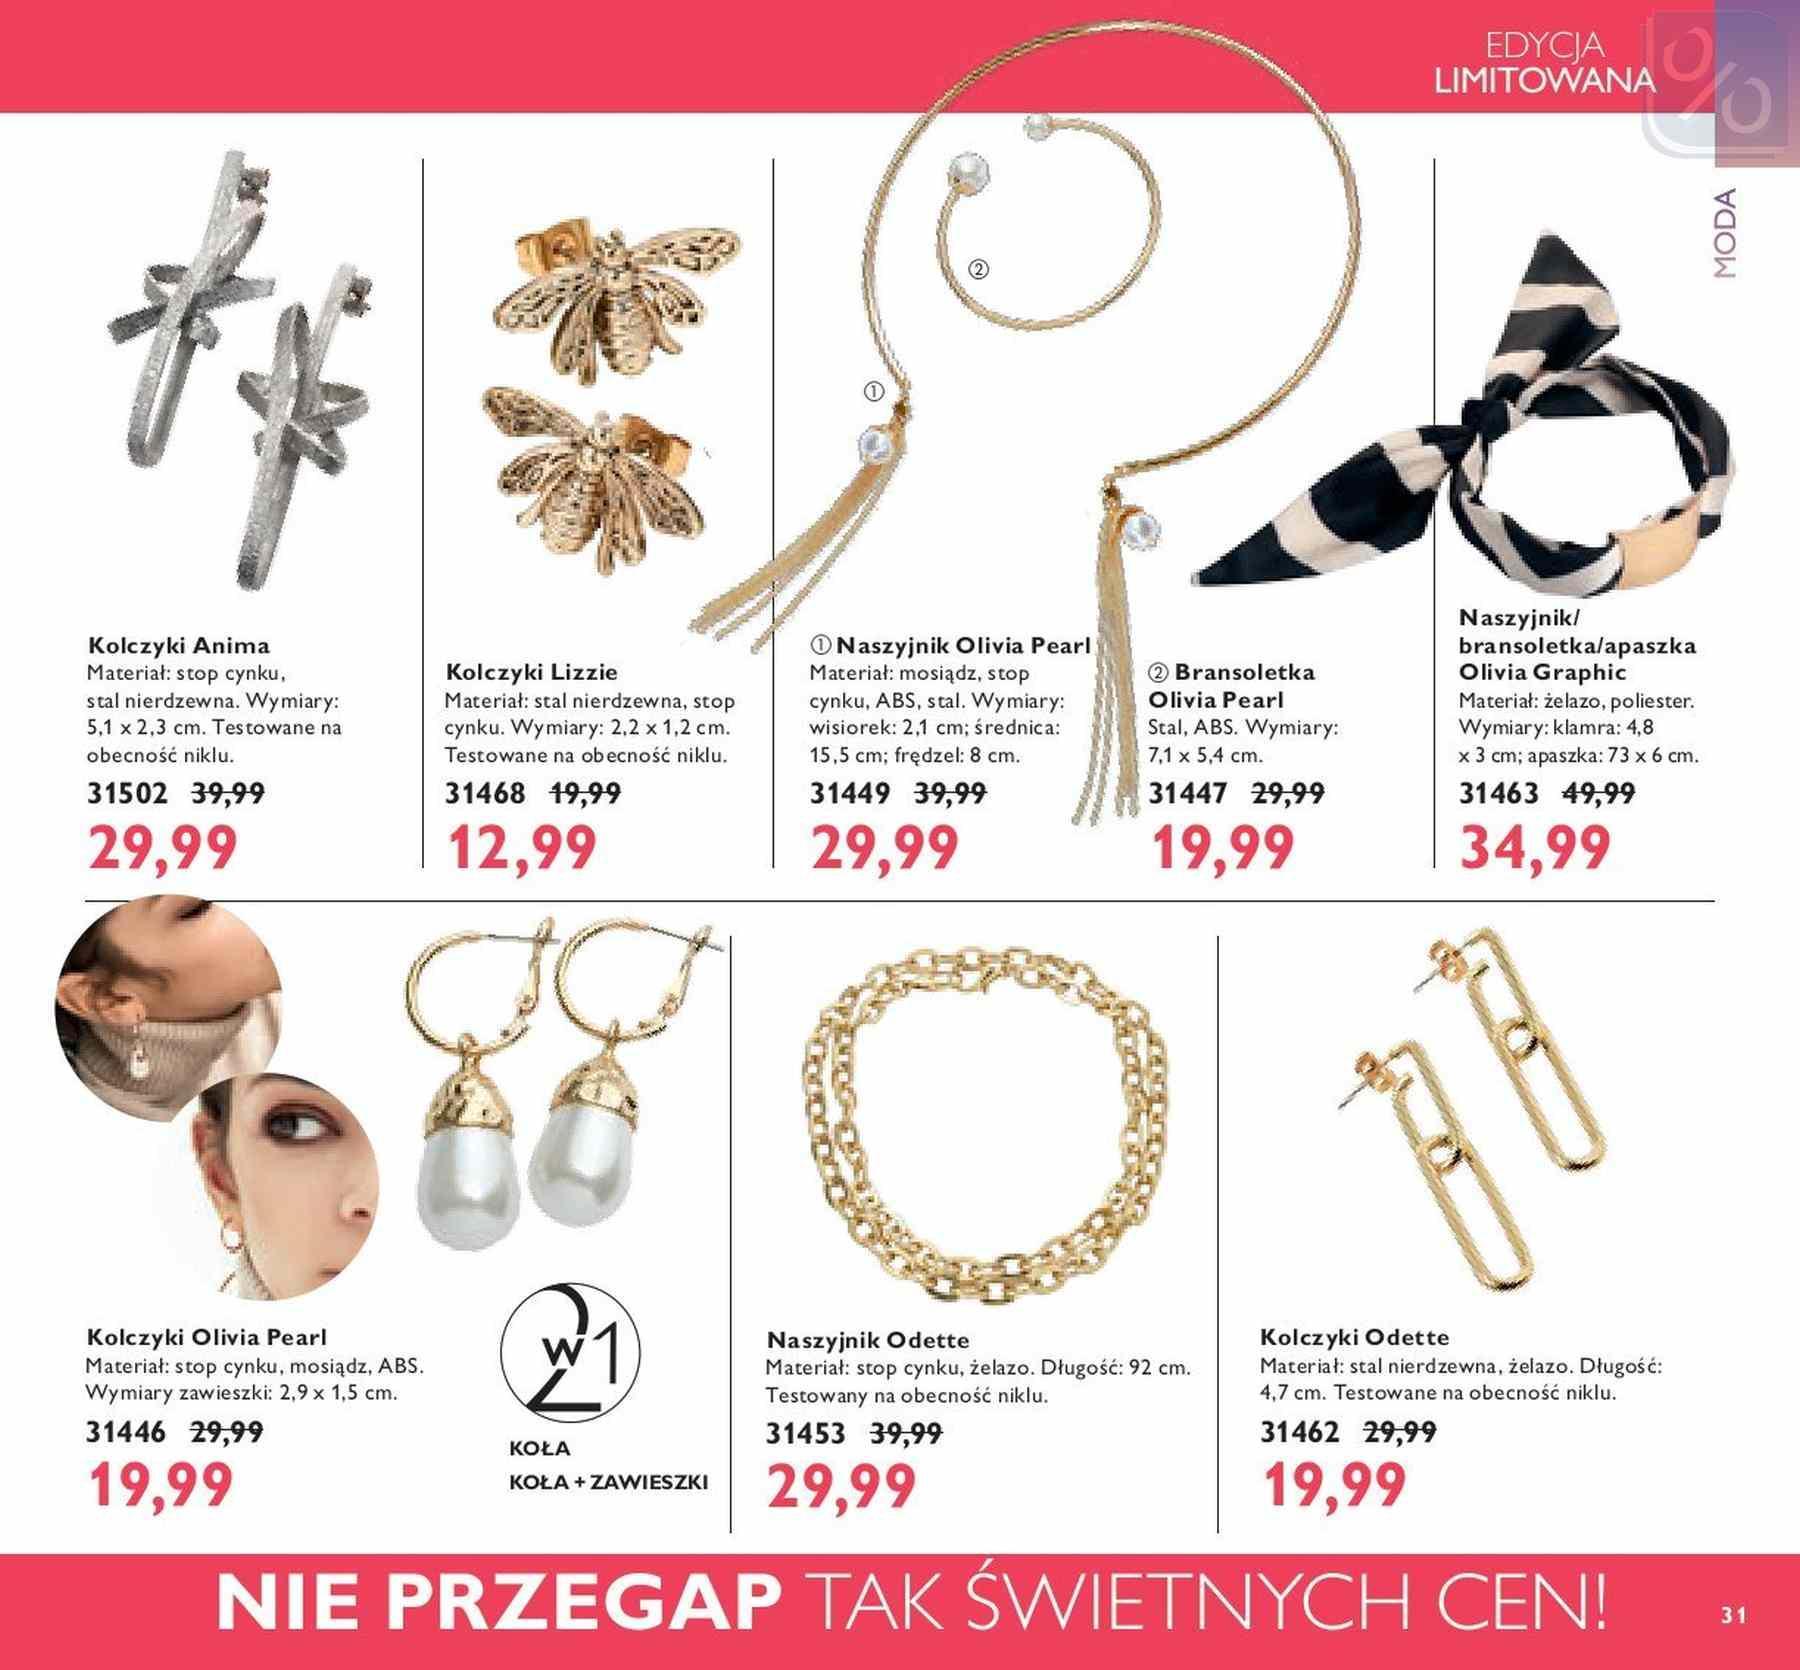 Gazetka promocyjna Oriflame do 04/02/2019 str.30